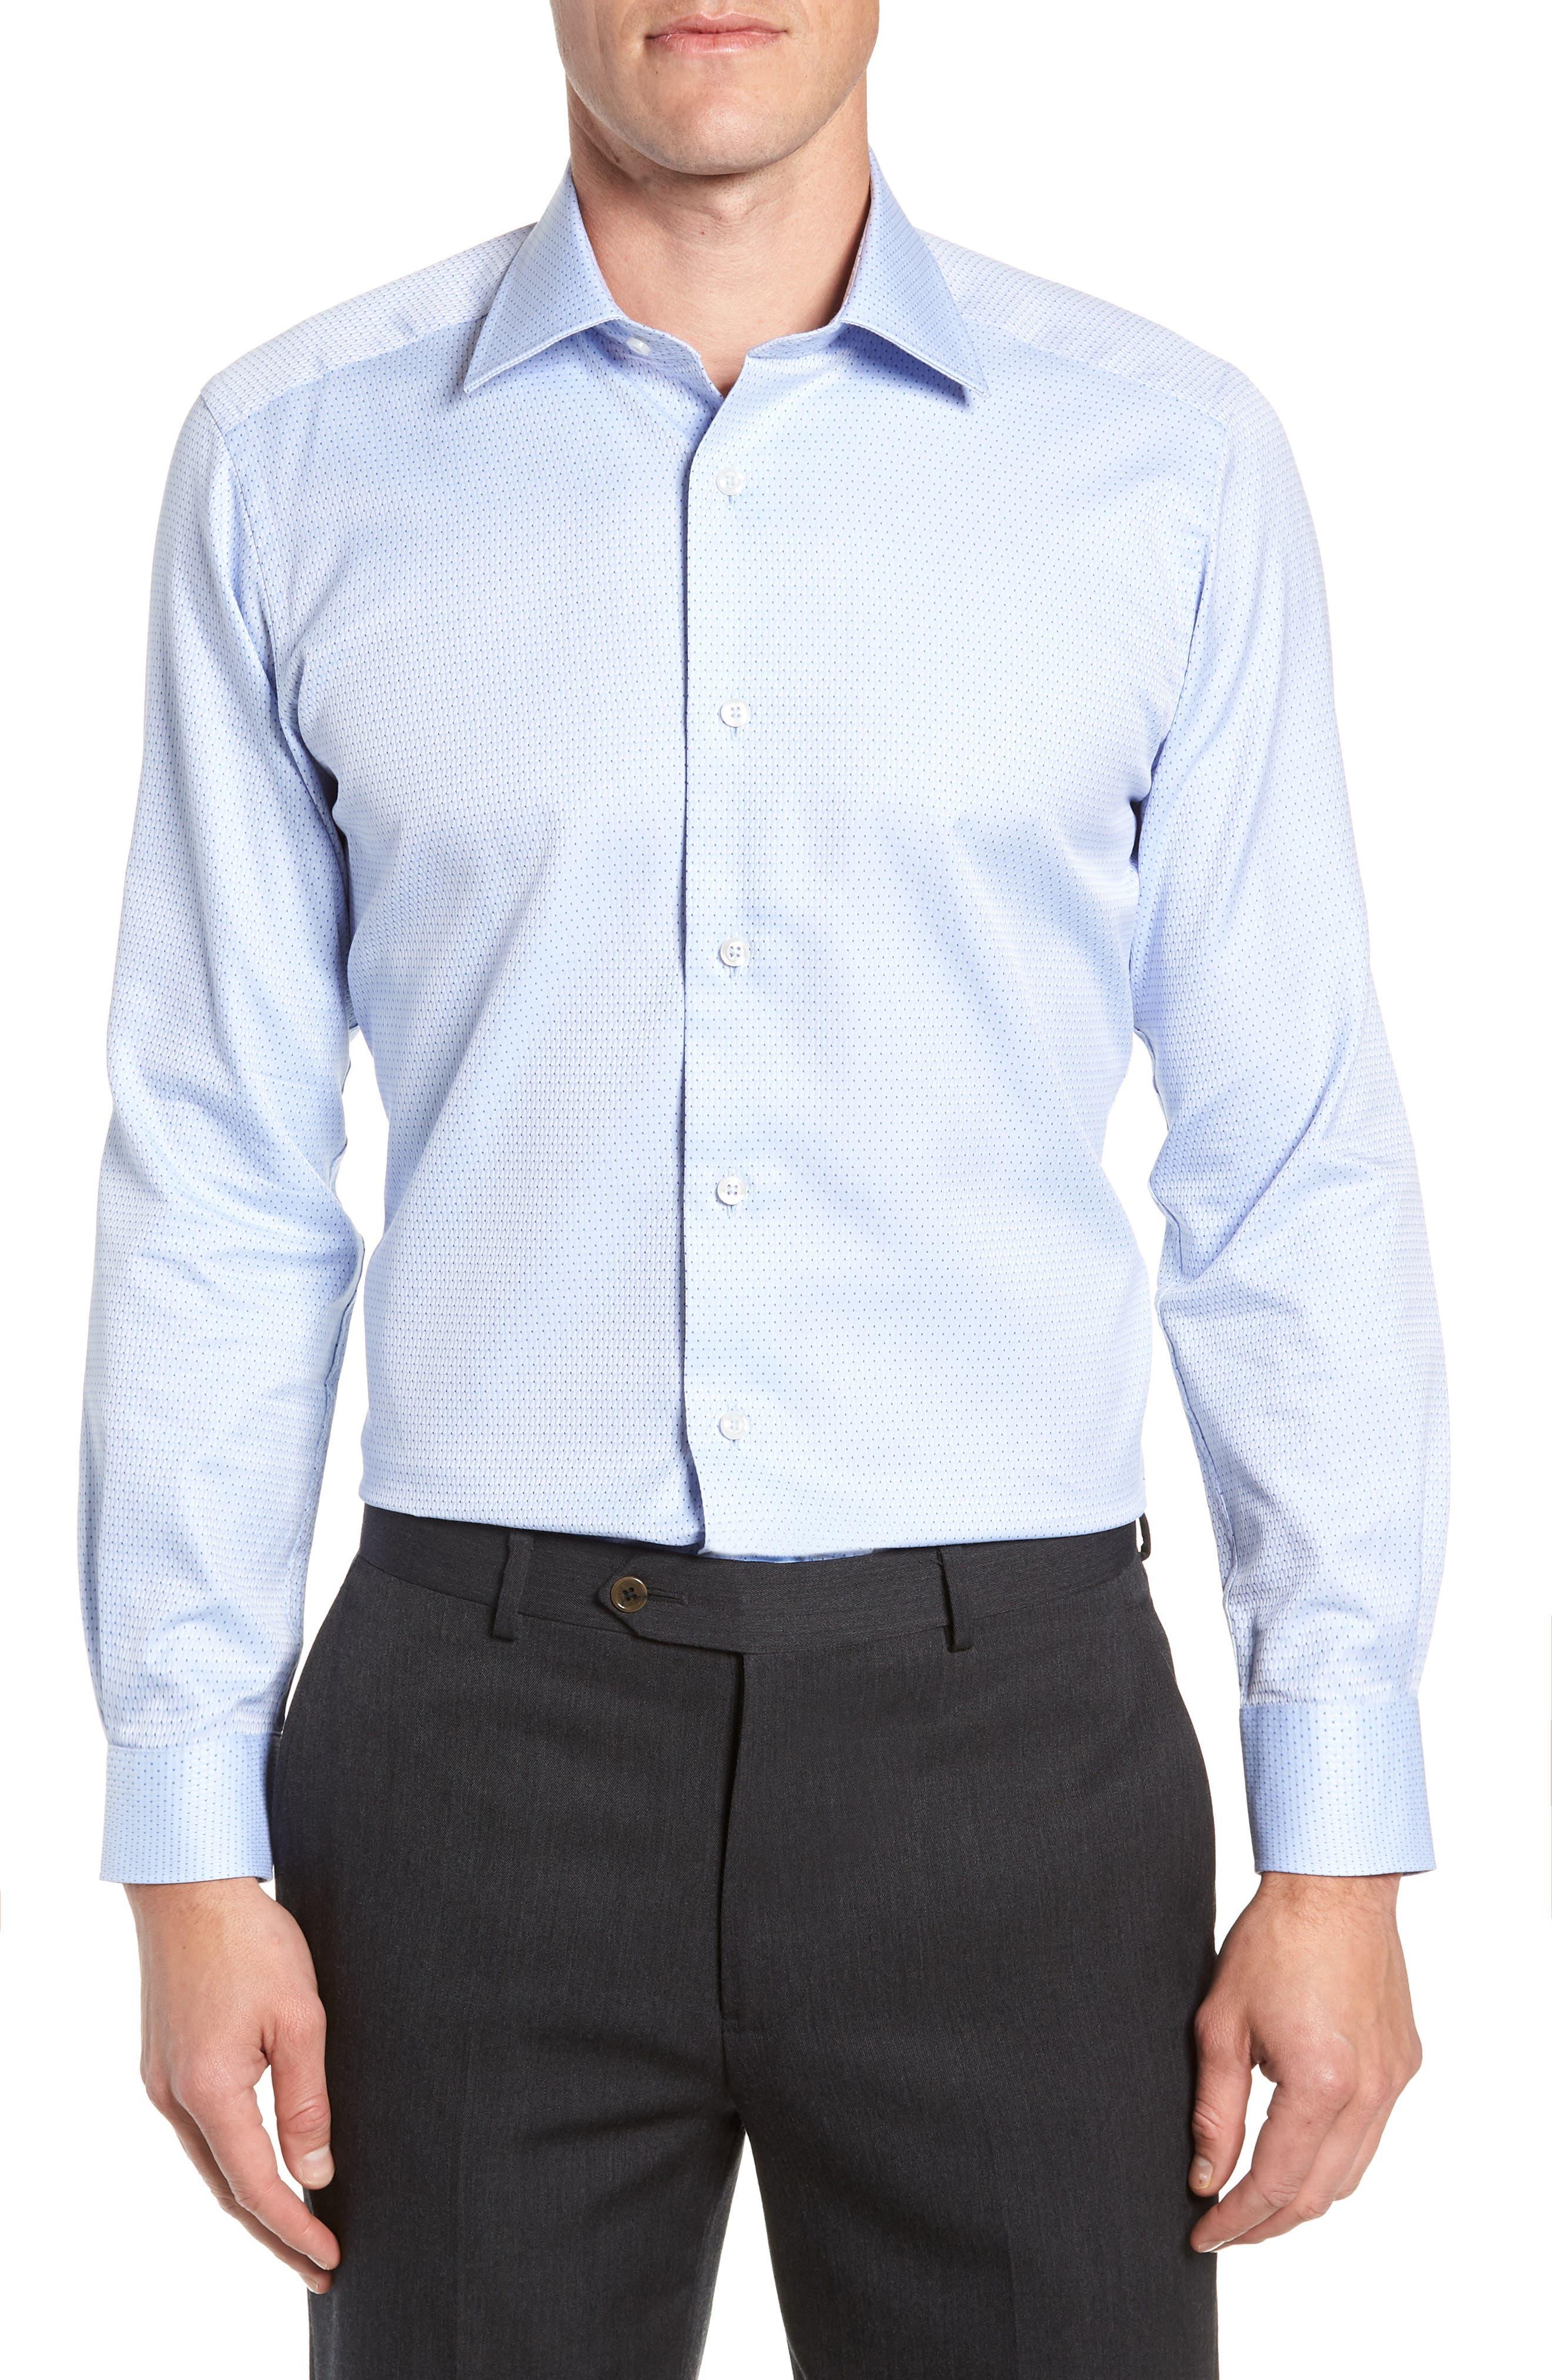 Trim Fit Check Dress Shirt,                         Main,                         color, SKY/ NAVY